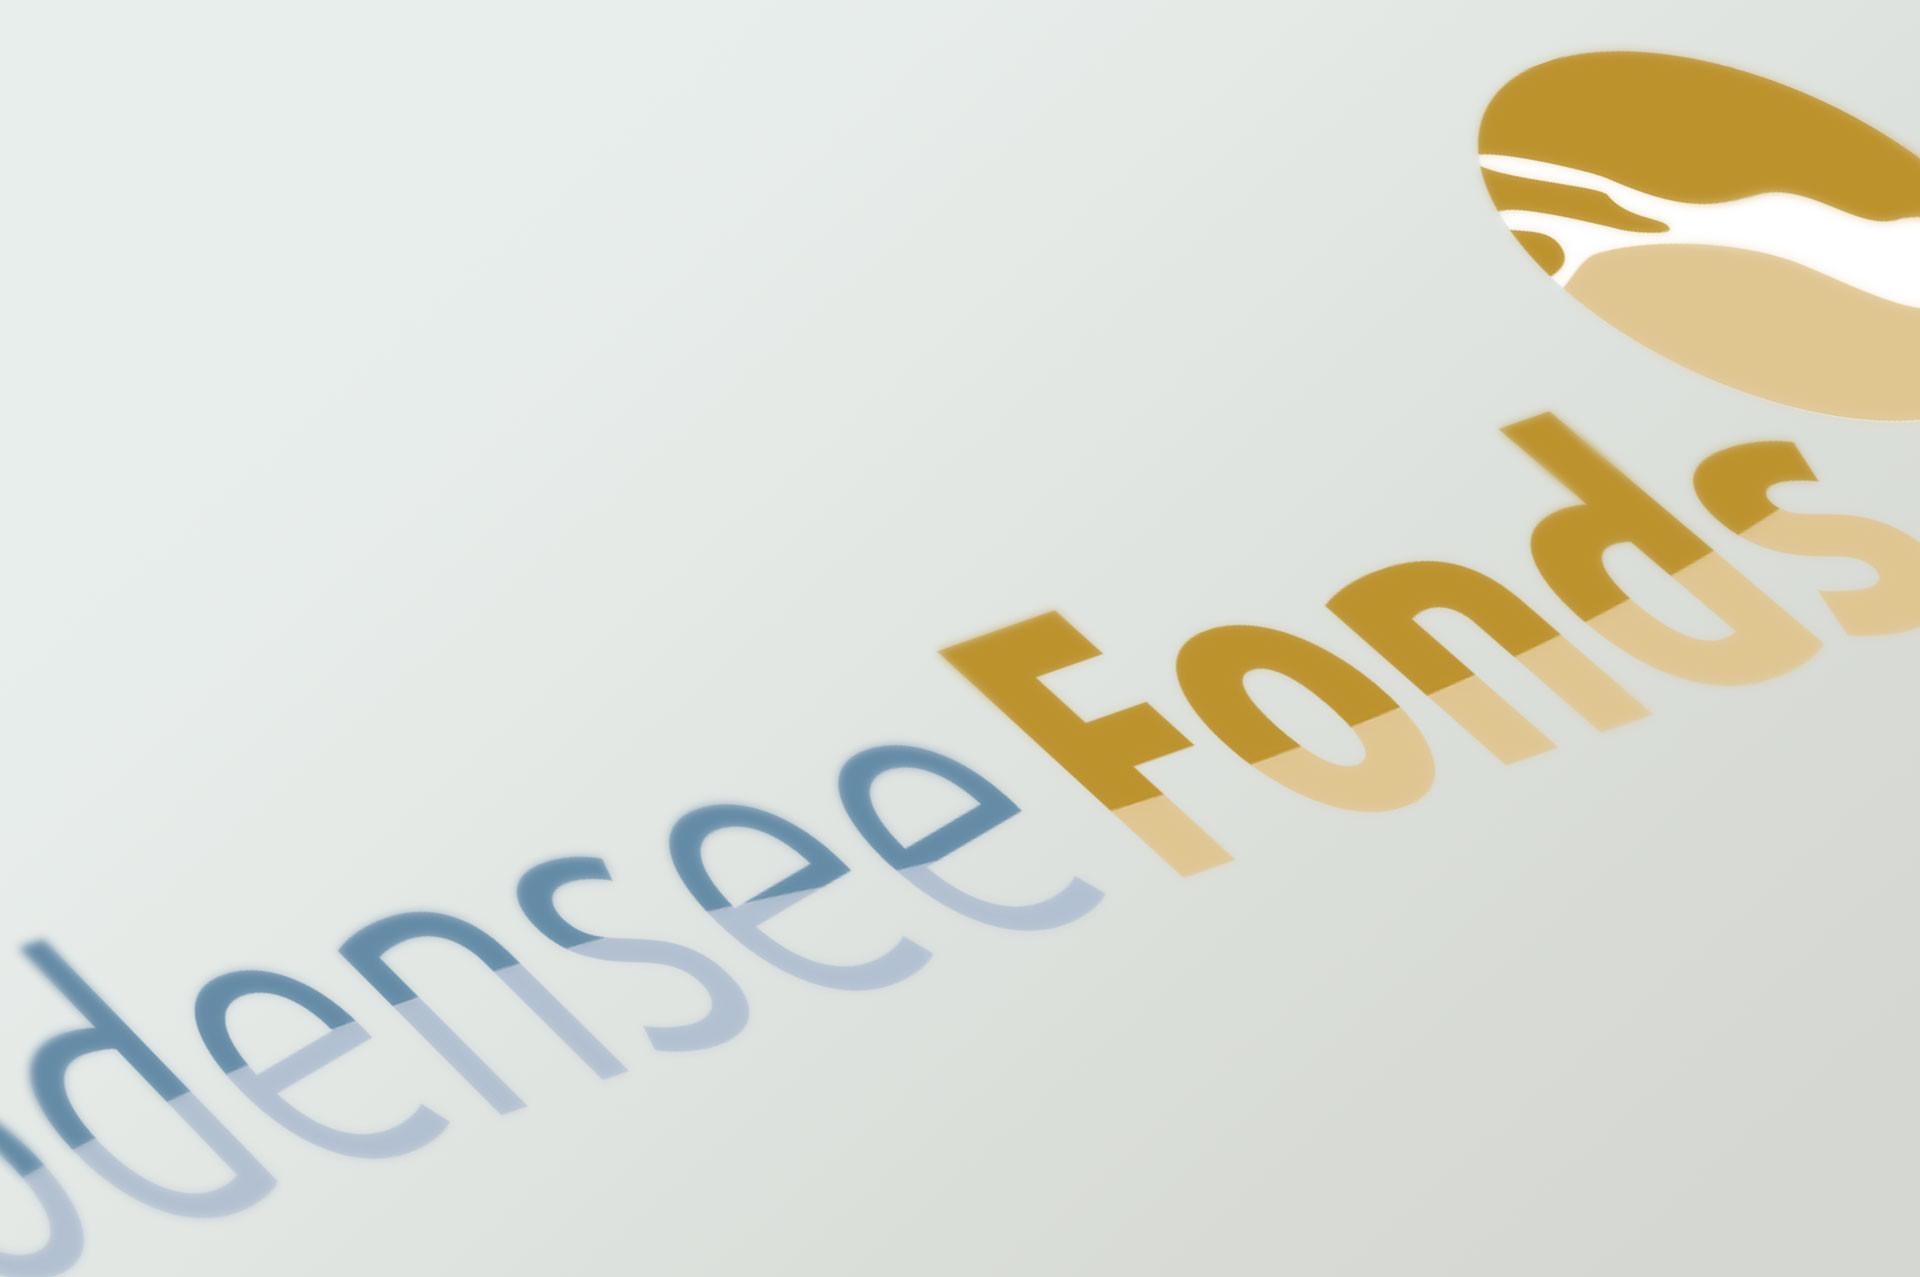 bodensee_fonds1.jpg